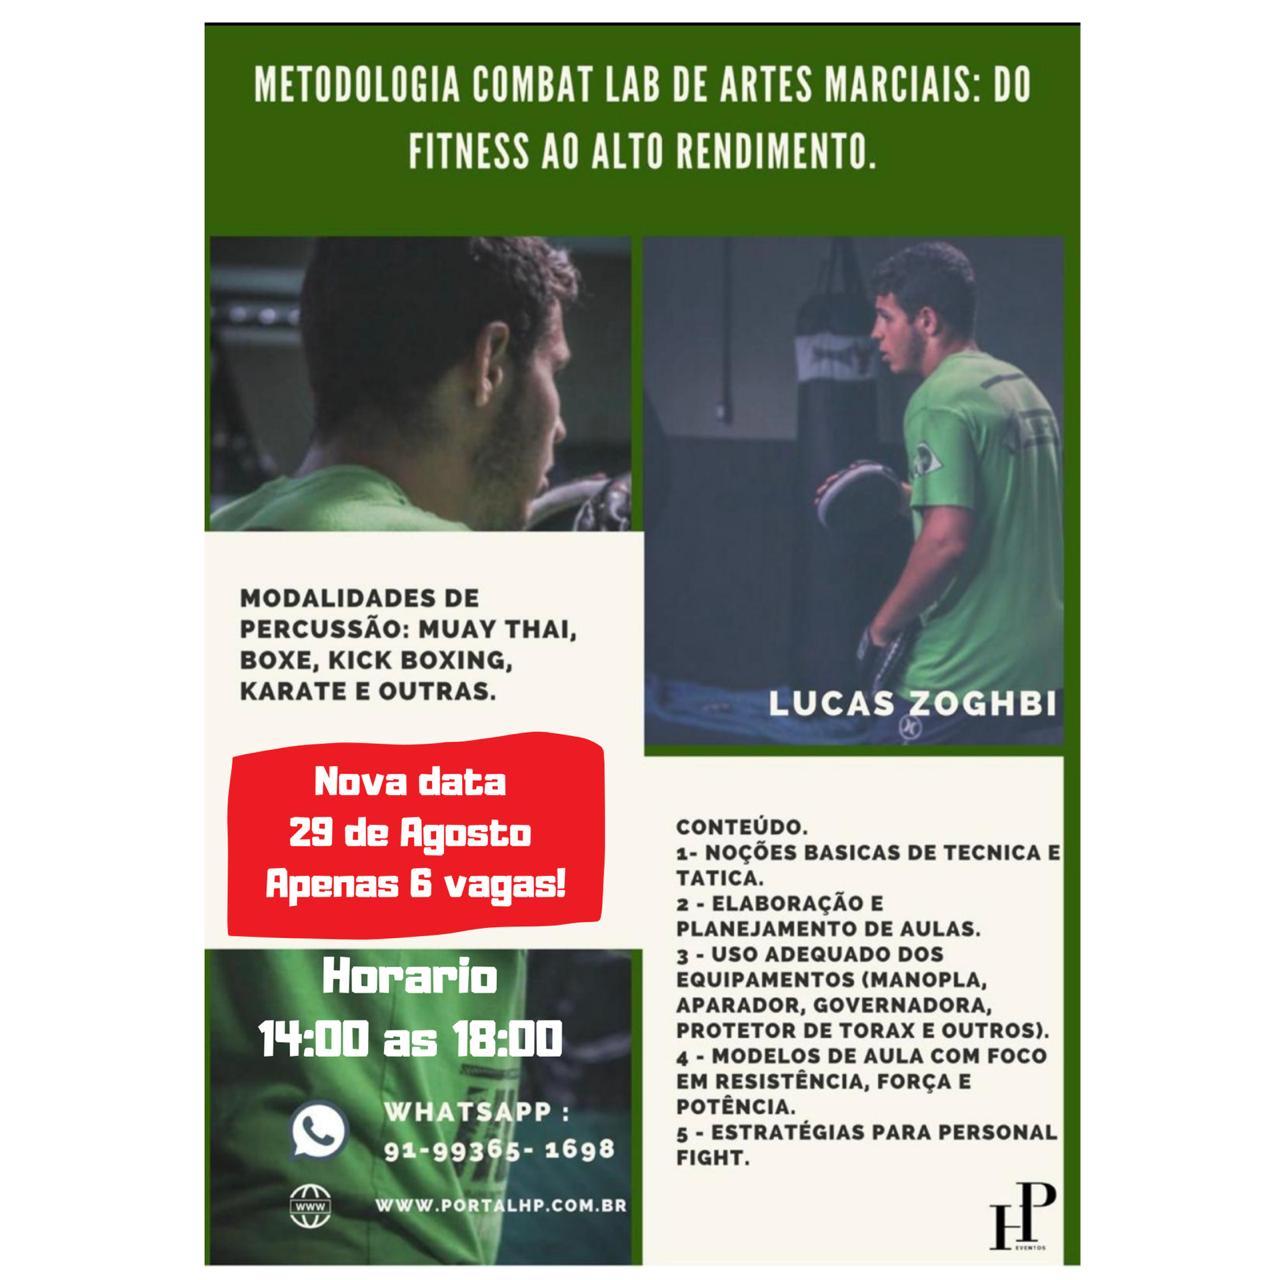 Metodologia Combat LAB de Artes Marciais: Do Fitness ao alto rendimento